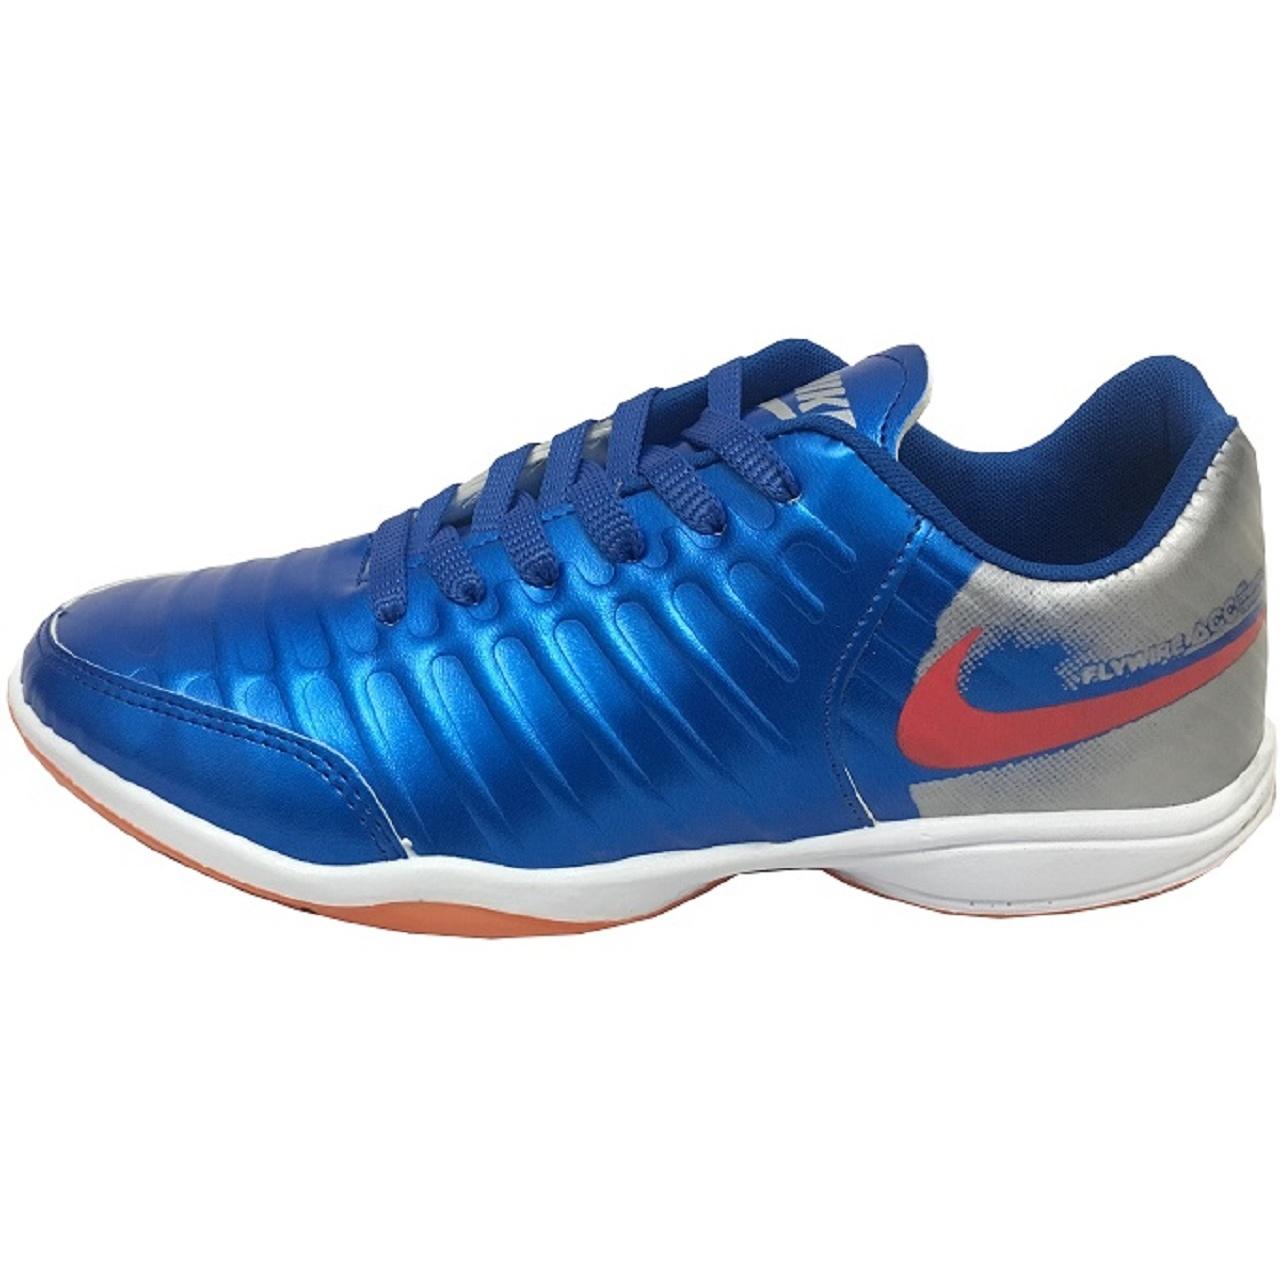 قیمت خرید کفش فوتسال مردانه مدل A104 اورجینال